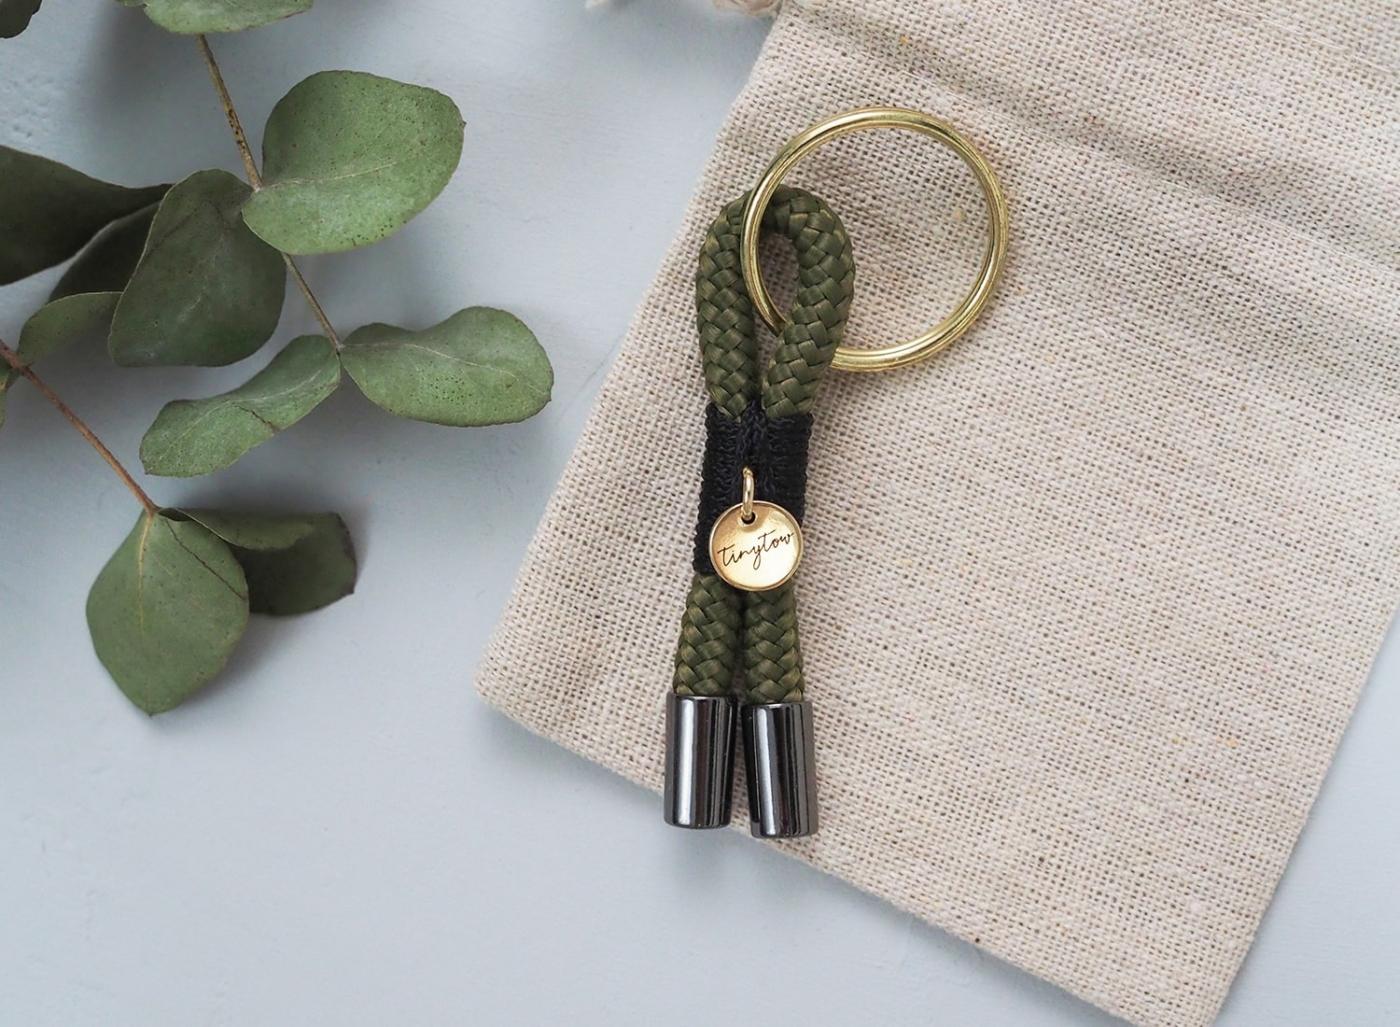 Schlüsselanhänger aus Tau in olivgrün und schwarz mit goldenen Details und beigem Baumwollsäckchen.